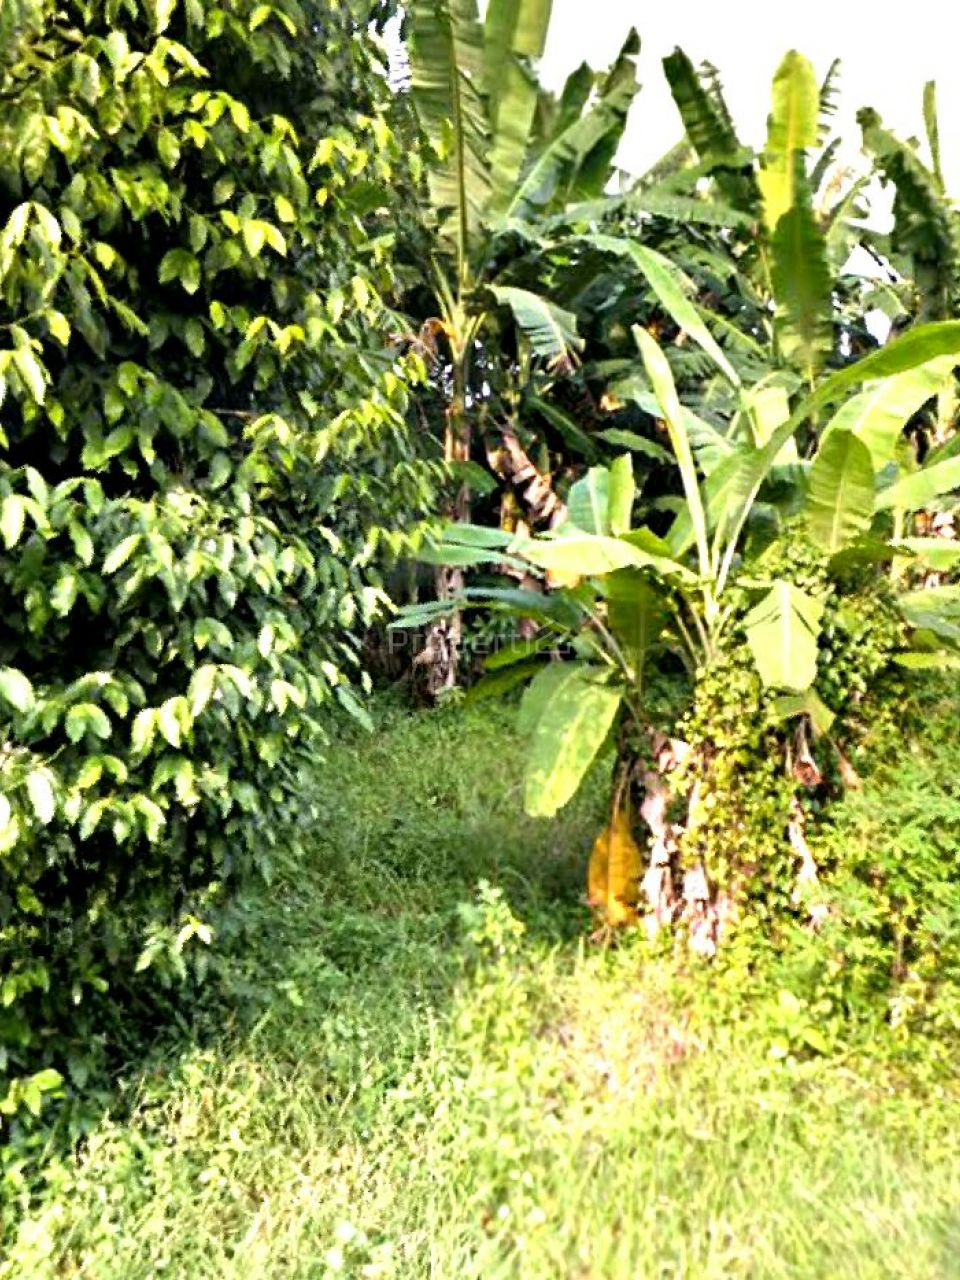 Lahan Peruntukan Perumahan di Beji, Kota Depok, Jawa Barat